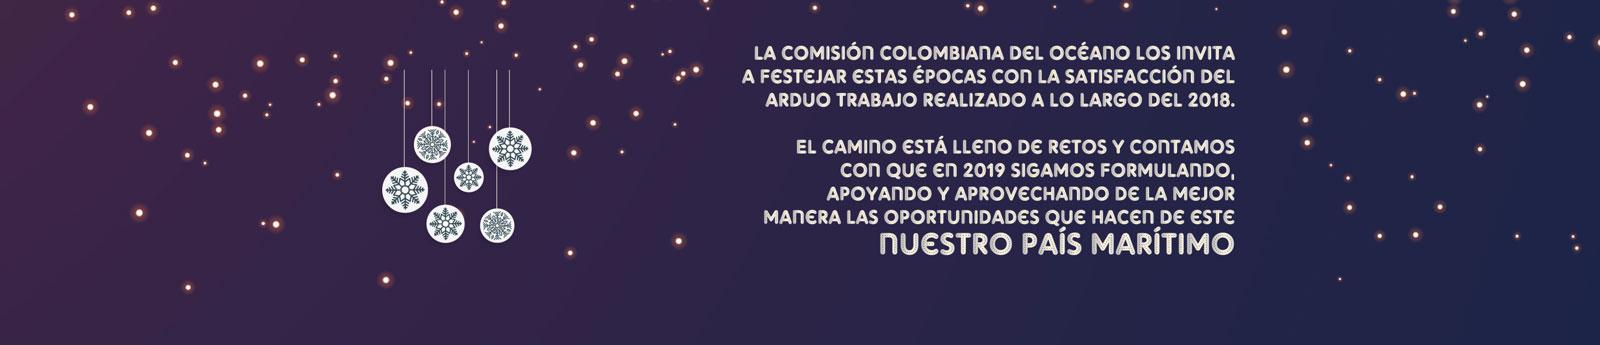 2018-12 La Comisión Colombiana del Océano los invita a festejar estas fiestas